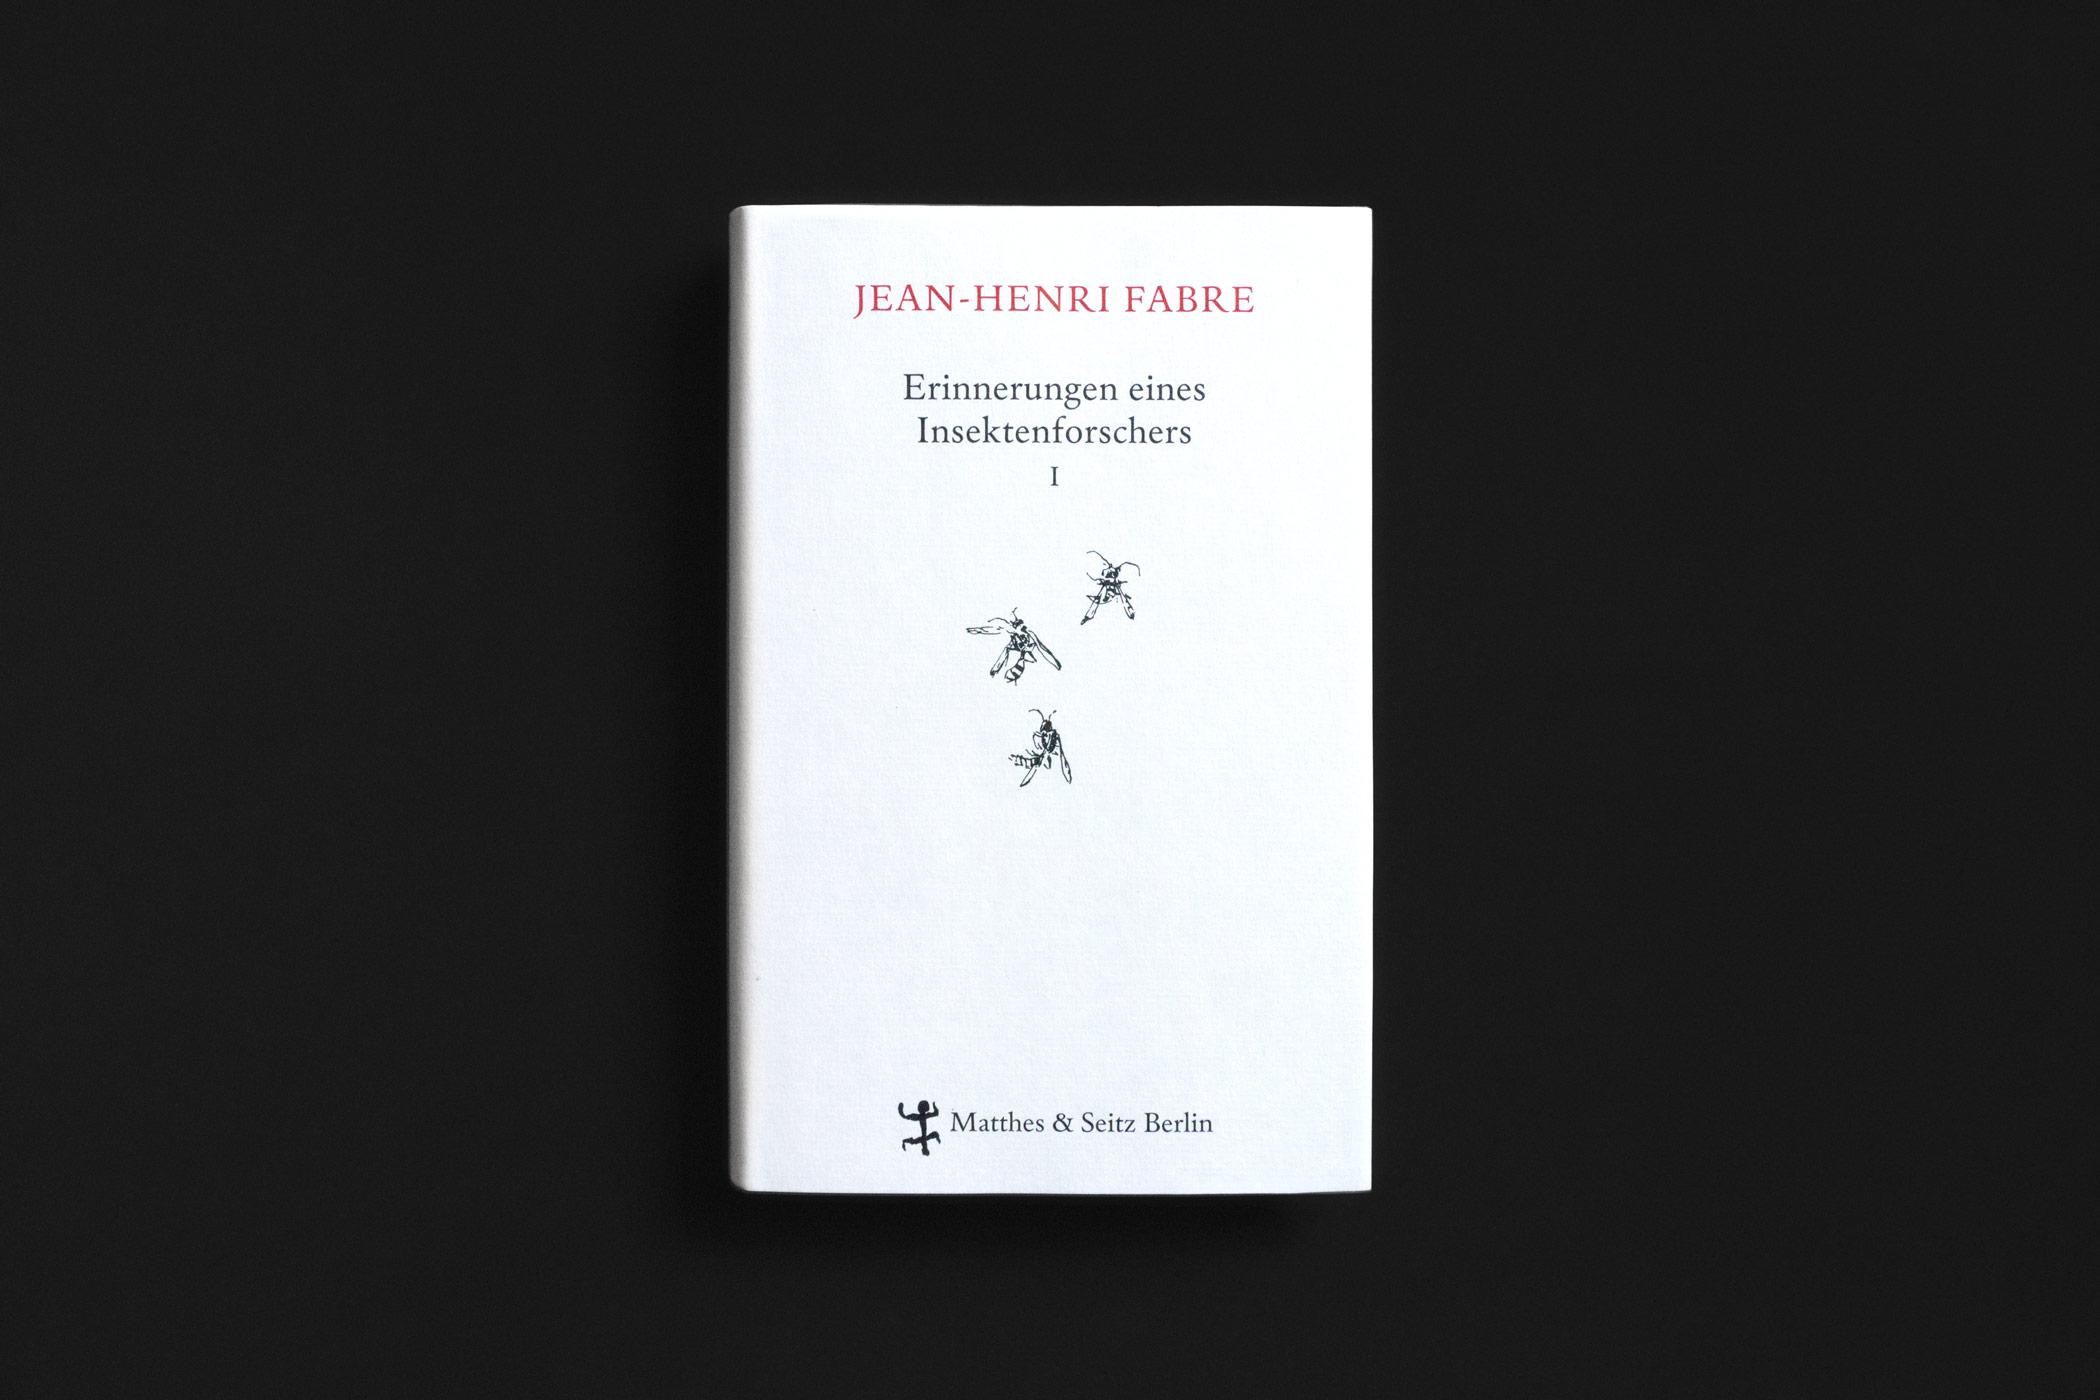 """Das Buch """"Erinnerungen eines Insektenforschers I"""" von Jean-Henri Fabre erschienen im Verlag Matthes & Seitz Berlin mit Federzeichnungen von Insekten gezeichnet von Christian Thanhäuser am Umschlag und im Innenteil"""